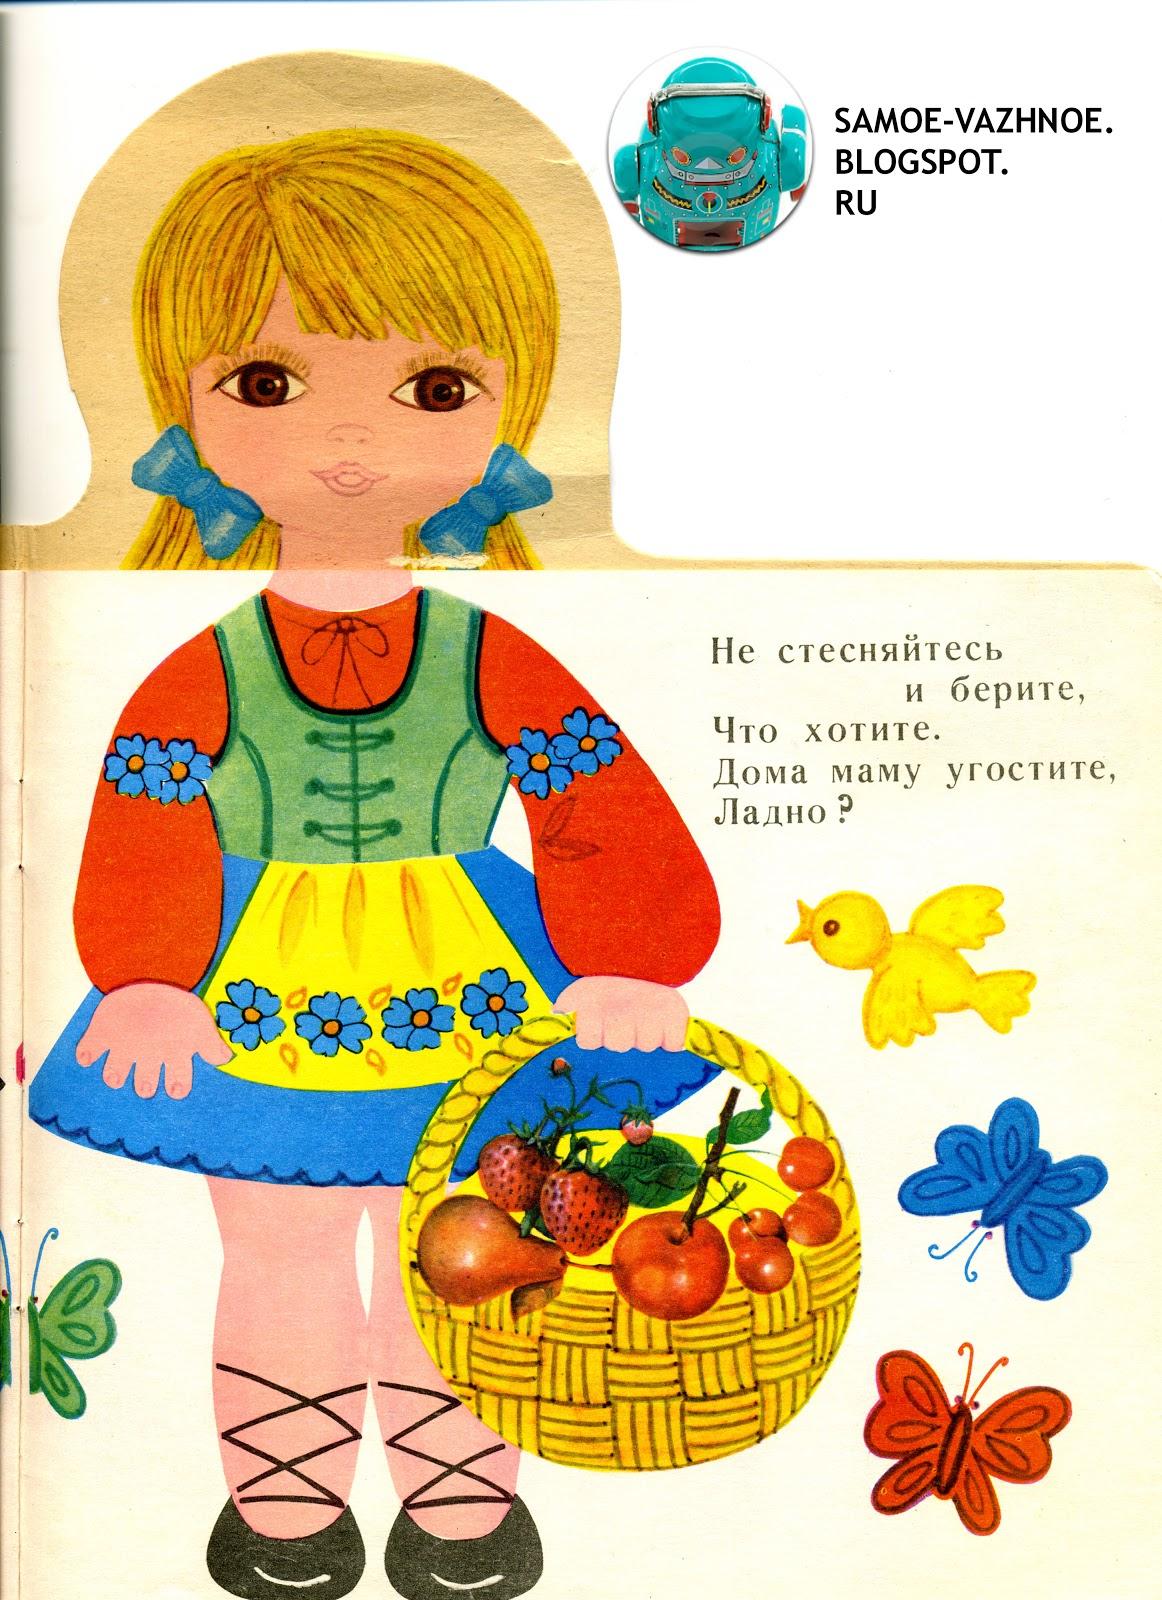 Кукла-книга Подружки СССР старая советская из детства